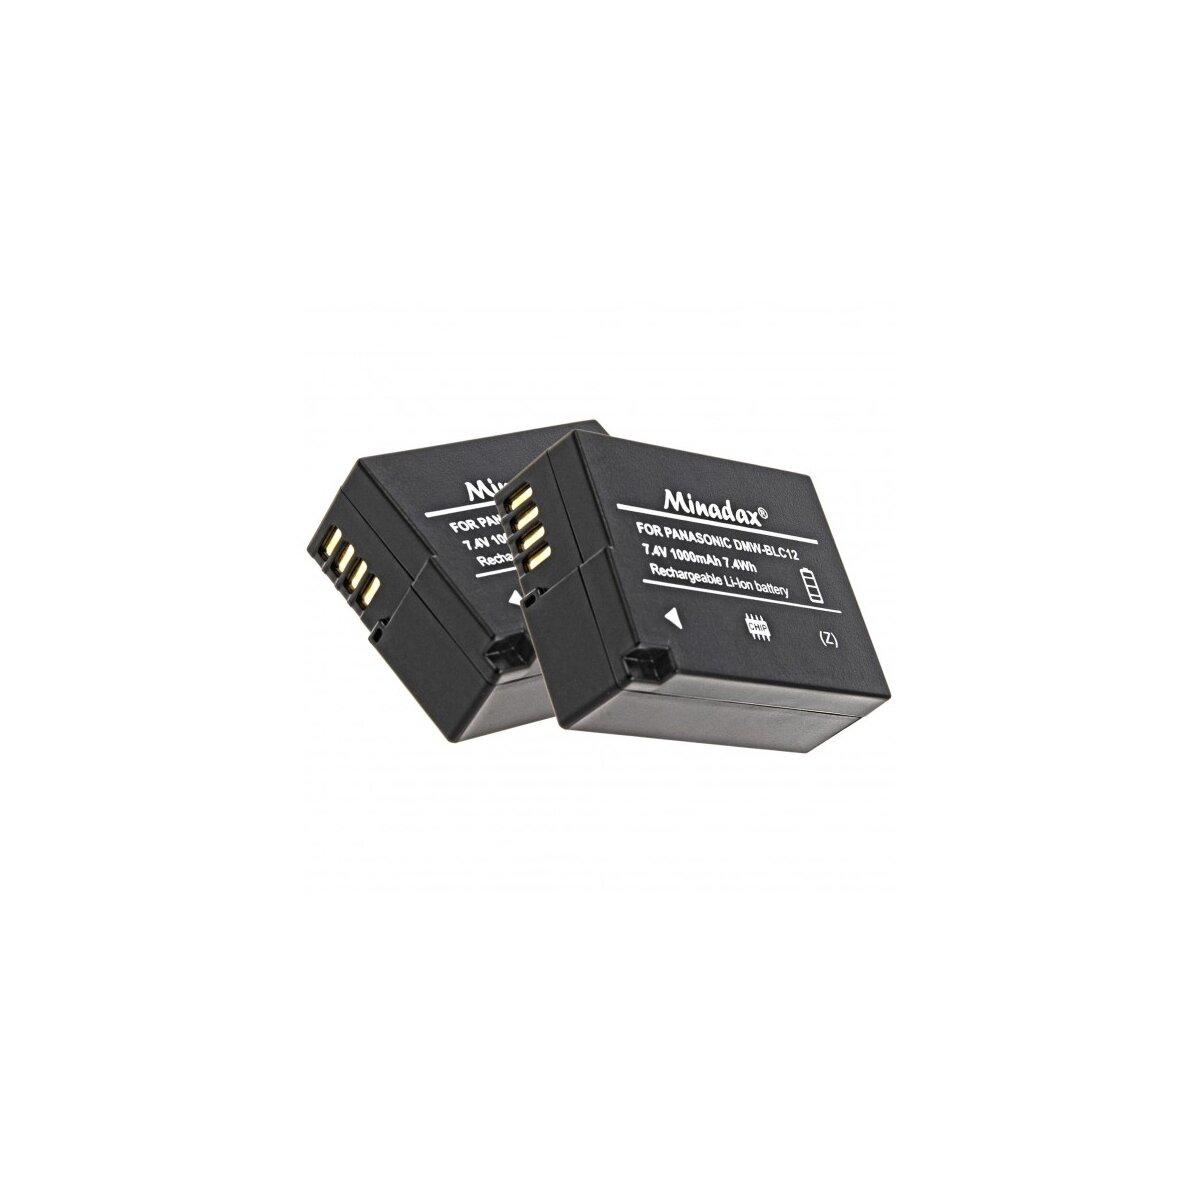 2x Minadax® Qualitaetsakku mit echten 1000 mAh fuer Panasonic GH2, G5X, G5K, G5W, G5, FZ200, wie DMW-BLC12 - Intelligentes Akkusystem mit Chip